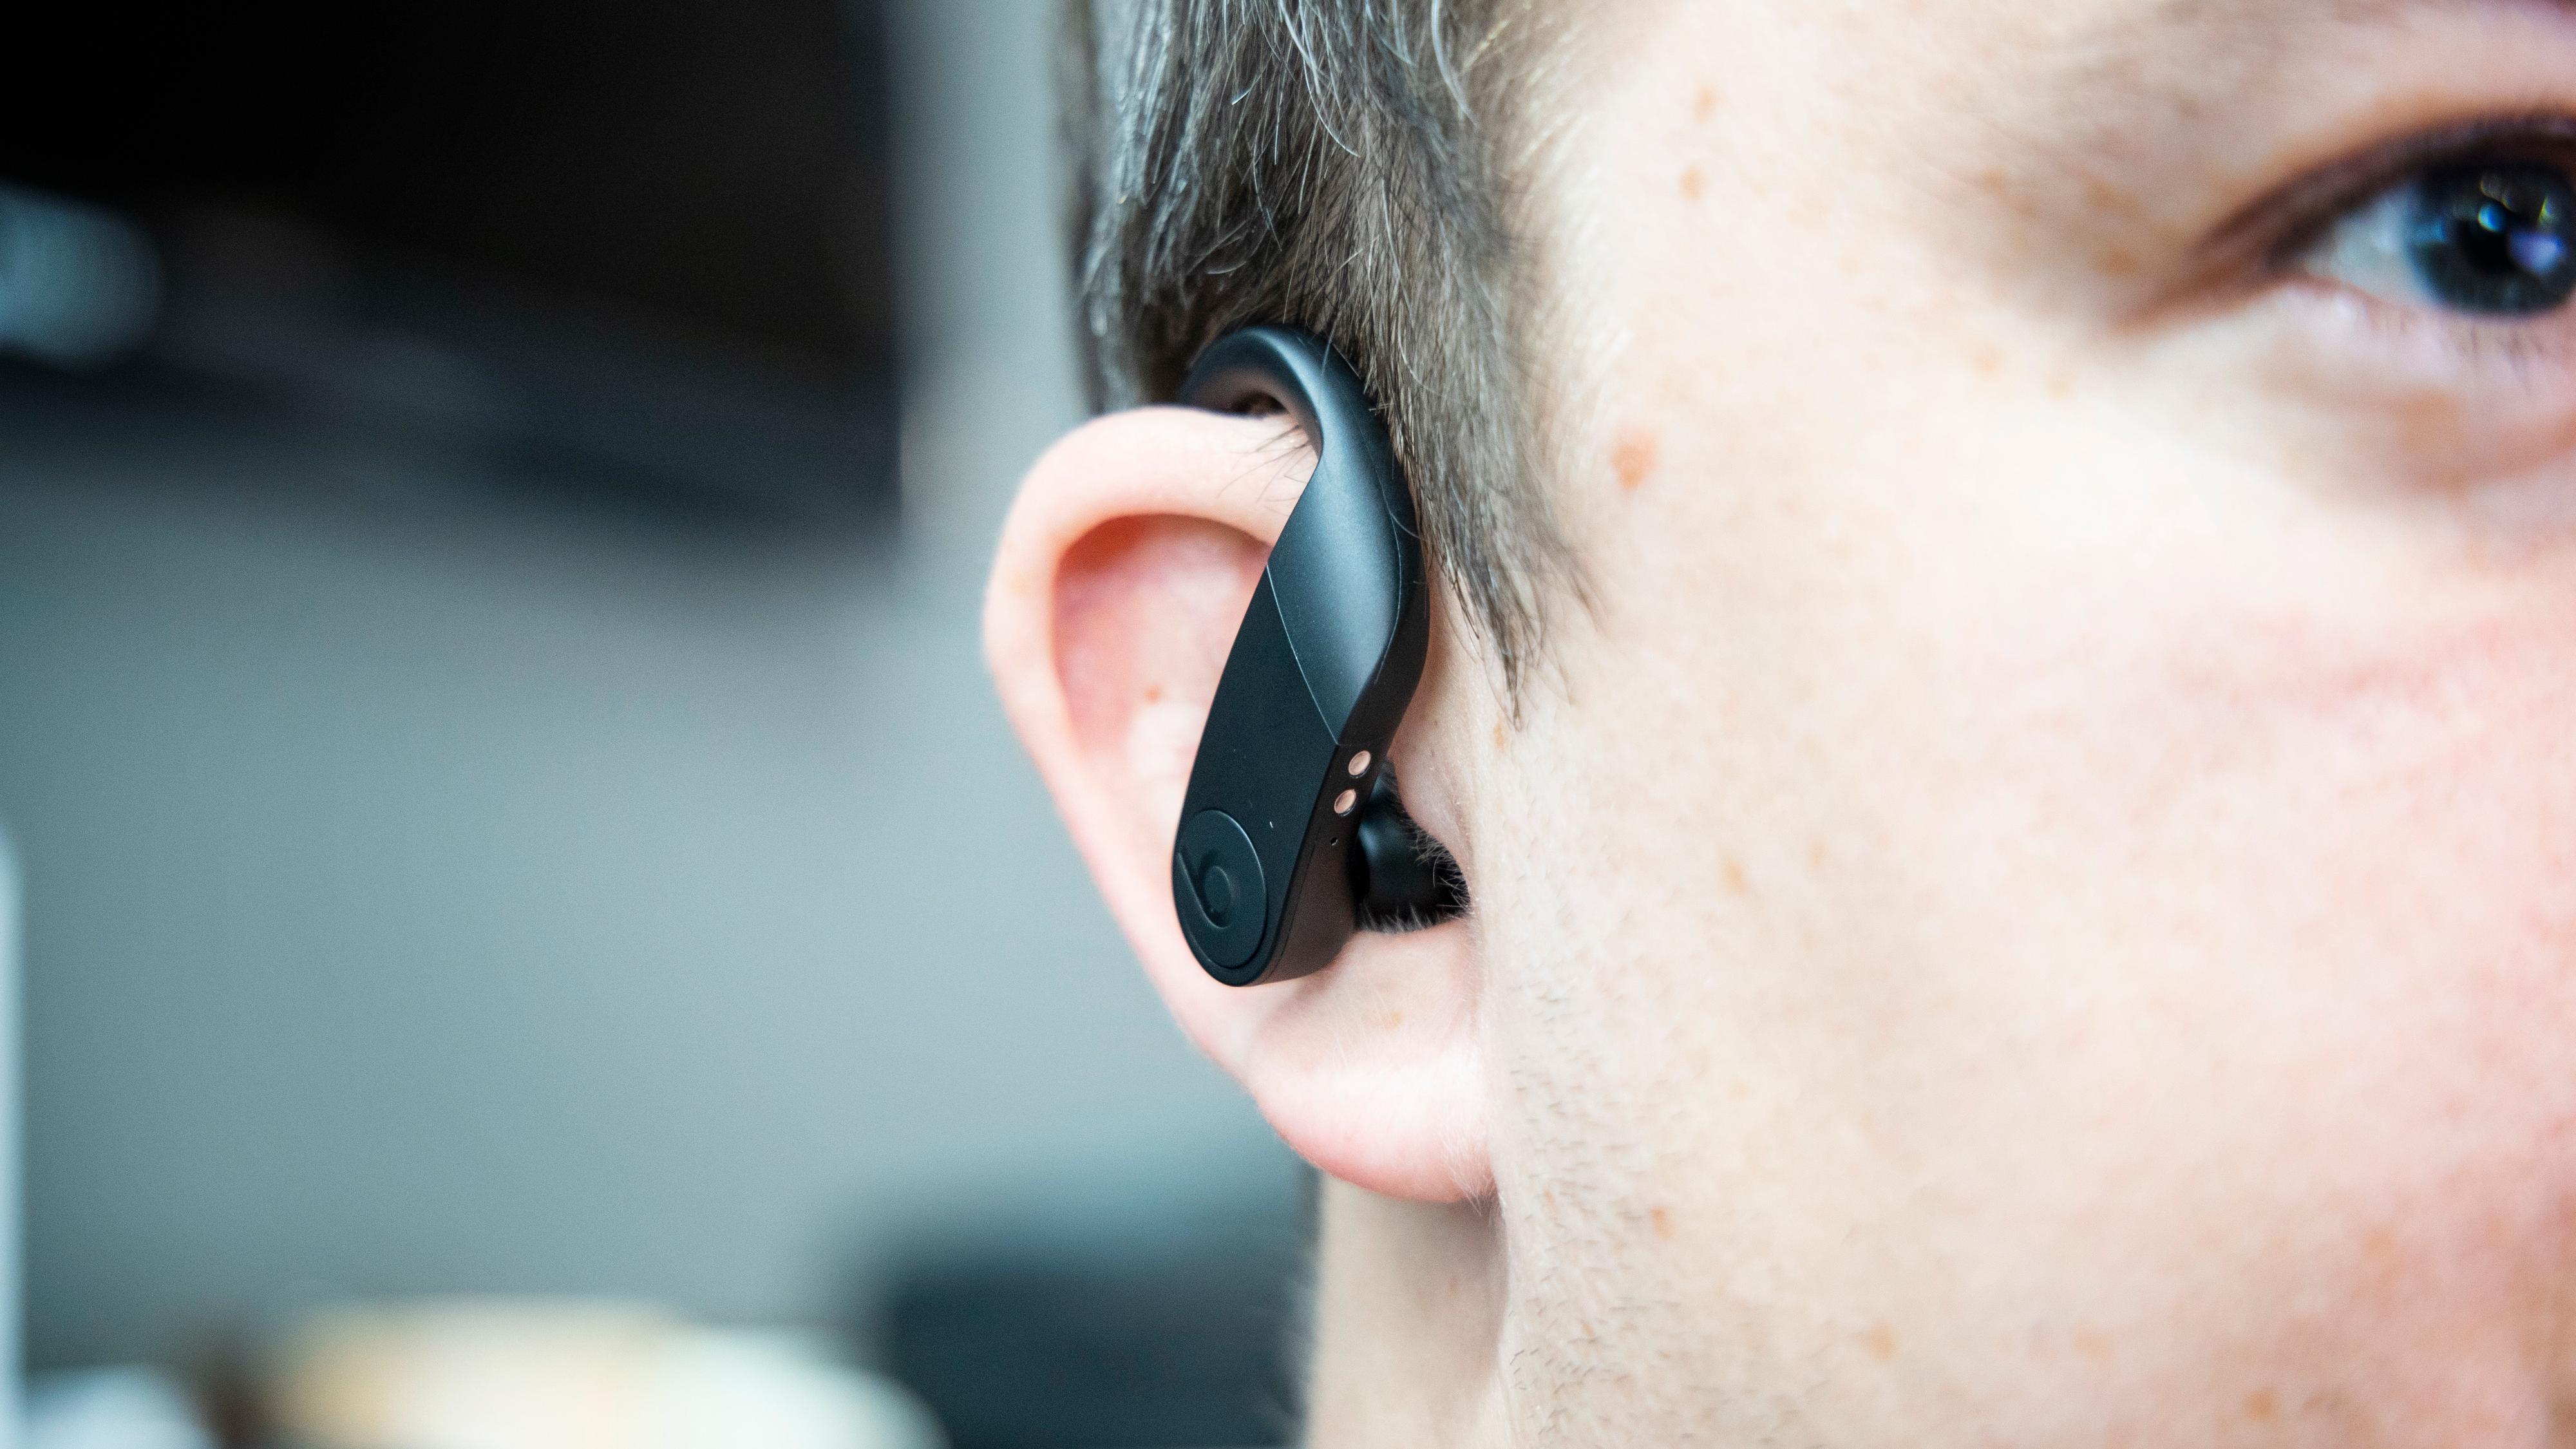 Med tanke på hvor massiv ørebøyla fremstår, er det nærmest overraskende at pluggene er såpass «kompakte» på øret.